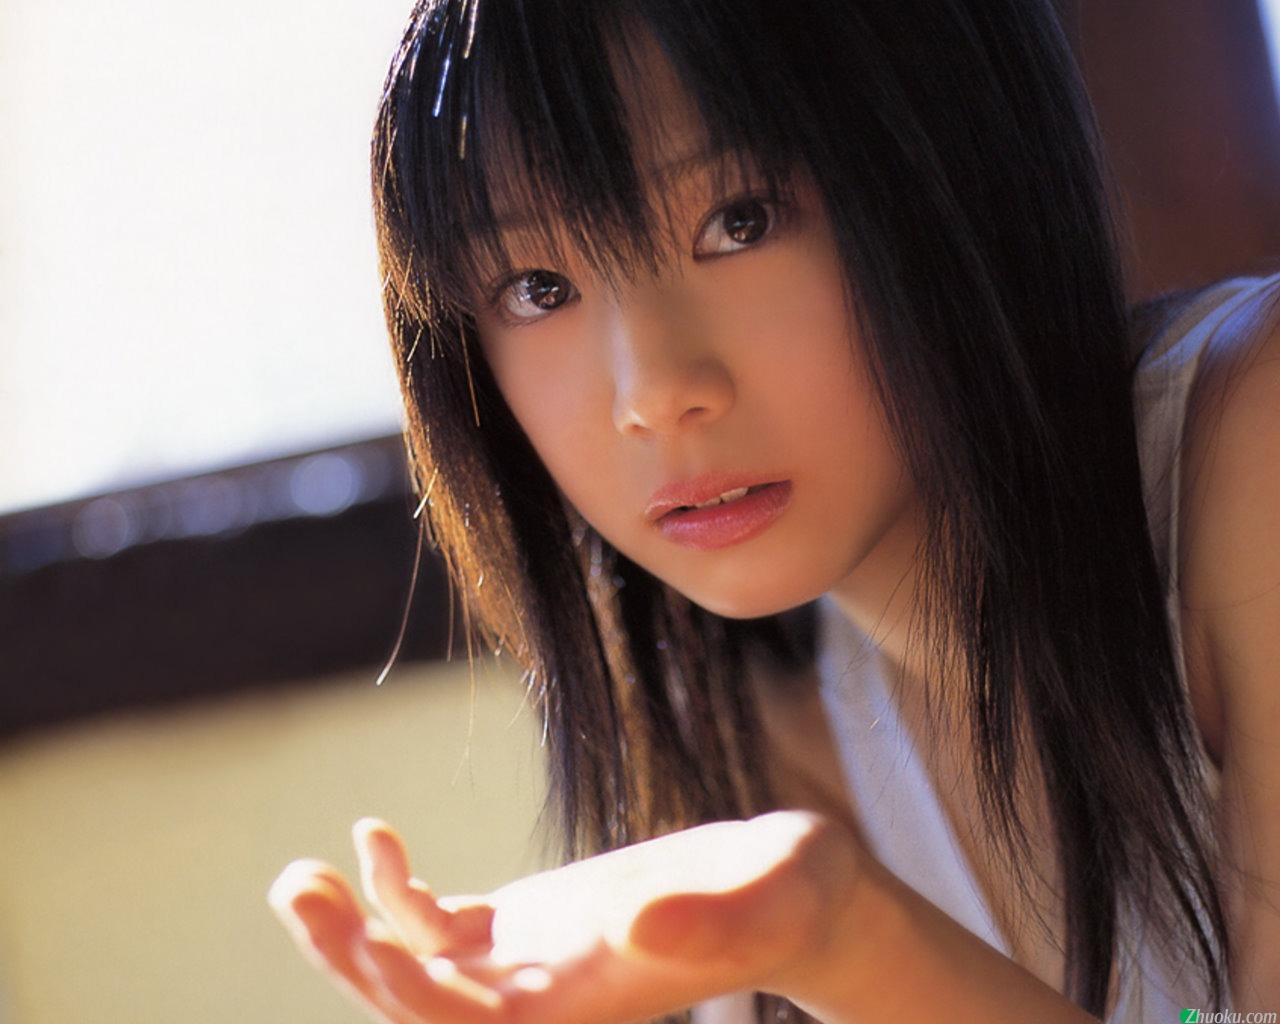 清純派美少女から大人の女性へ!女優・夏帆の出演映画3本紹介☆のサムネイル画像